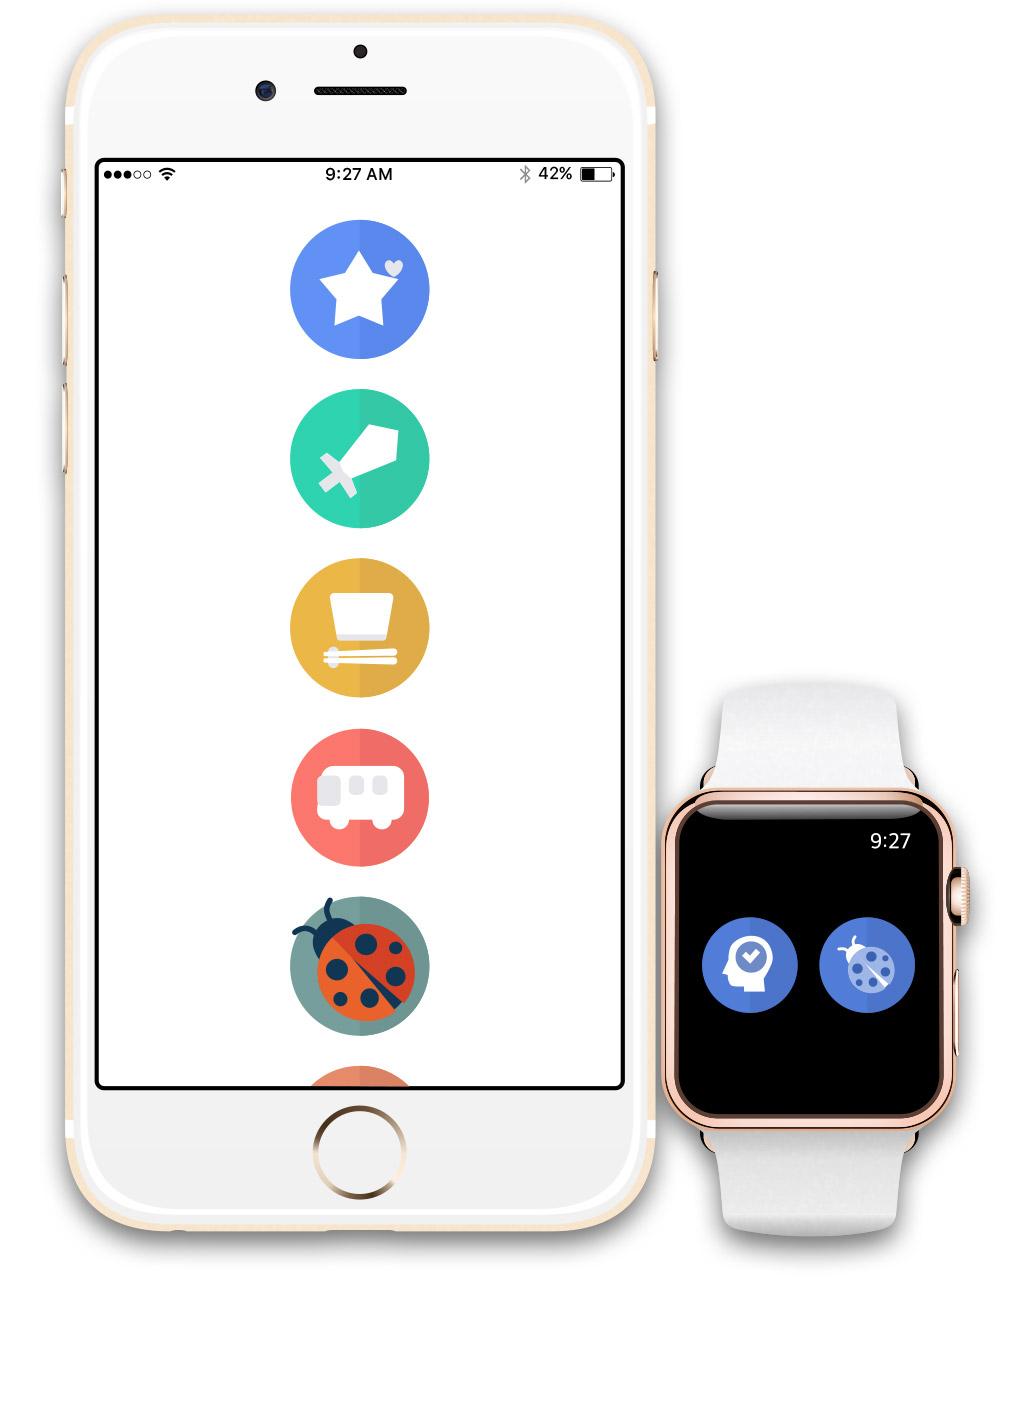 このアプリは日本語話者を対象とした英会話学習アプリです。アイフォーン機能を最大限活用して学習効果を高めています。  「8-STEP英会話」